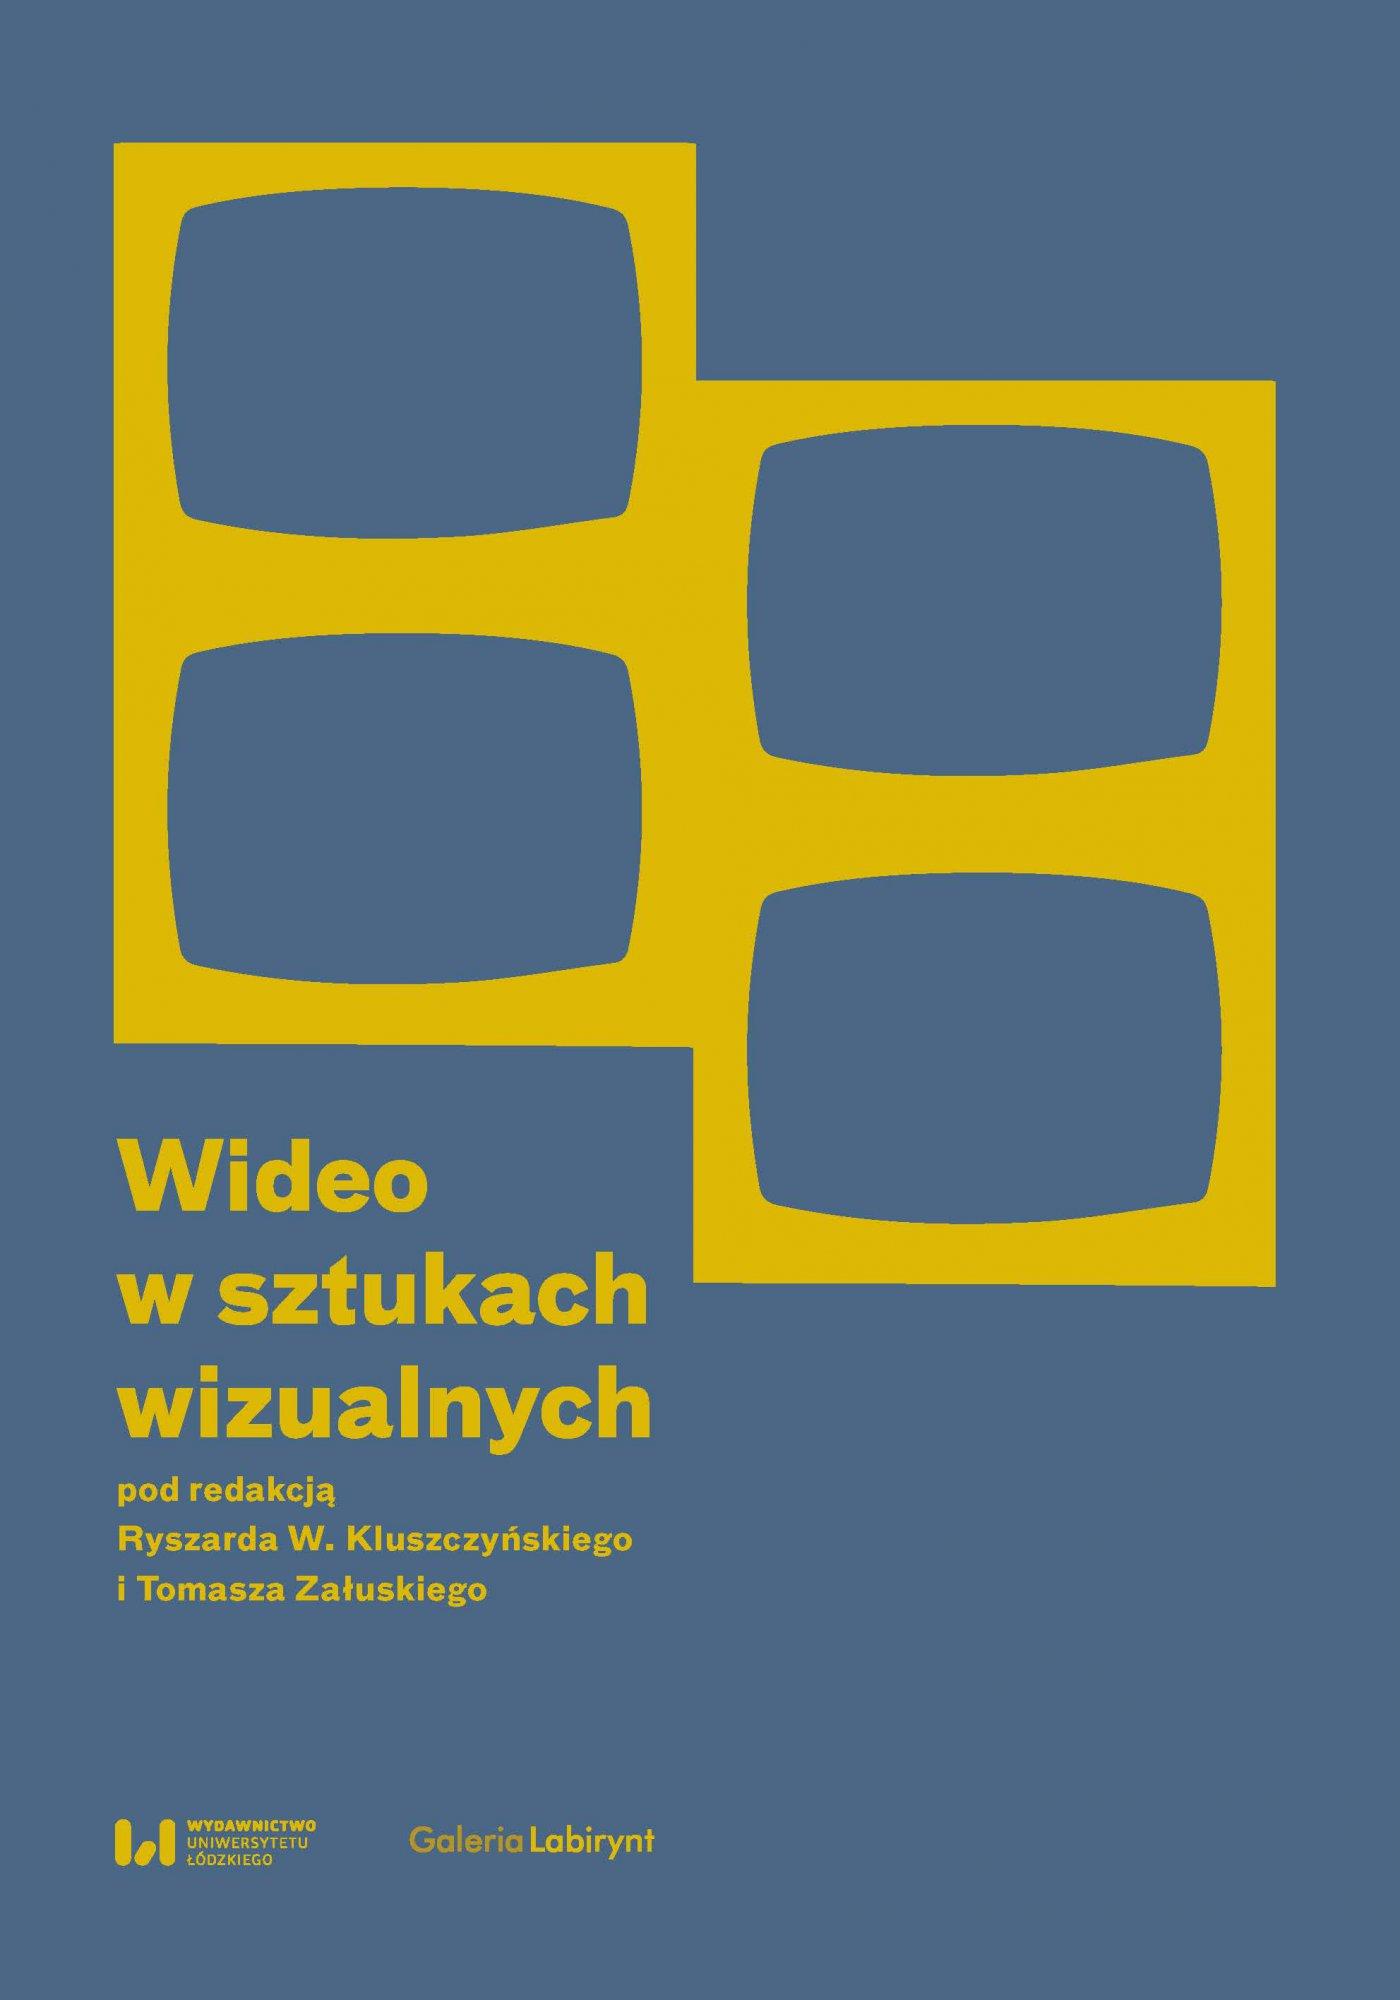 Wideo w sztukach wizualnych - Ebook (Książka PDF) do pobrania w formacie PDF